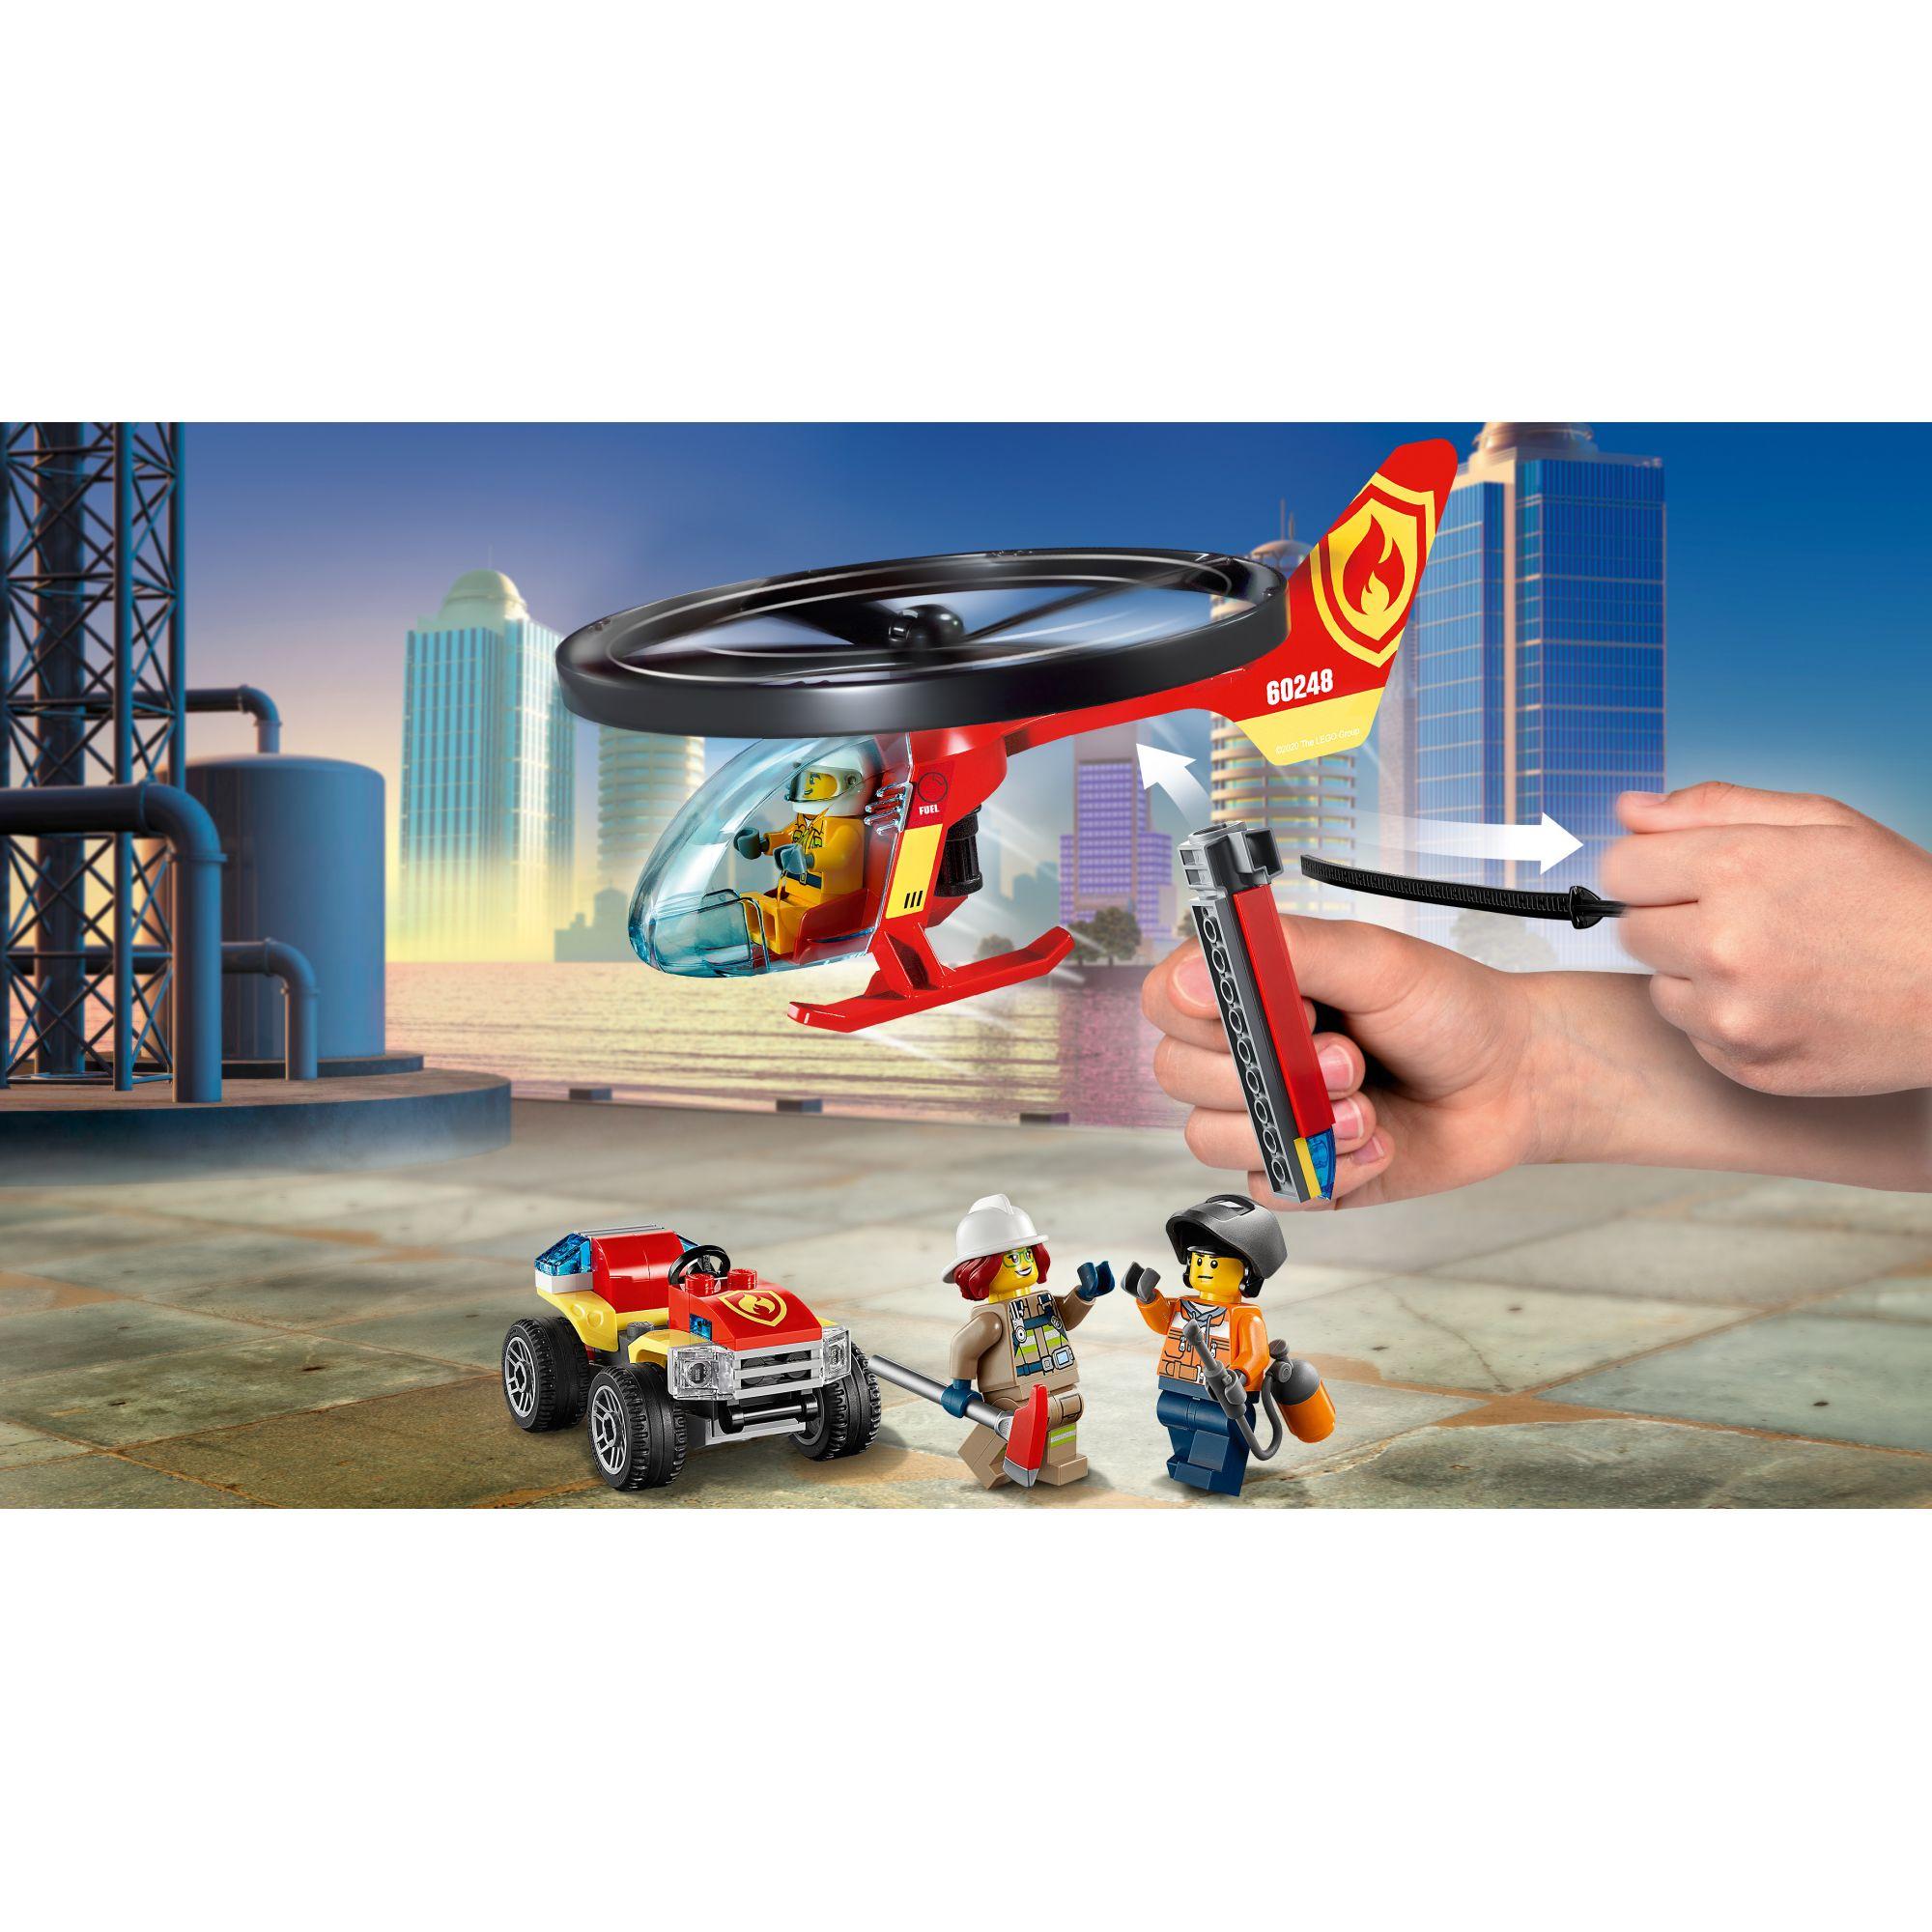 LEGO CITY   LEGO City Elicottero dei pompieri - 60248